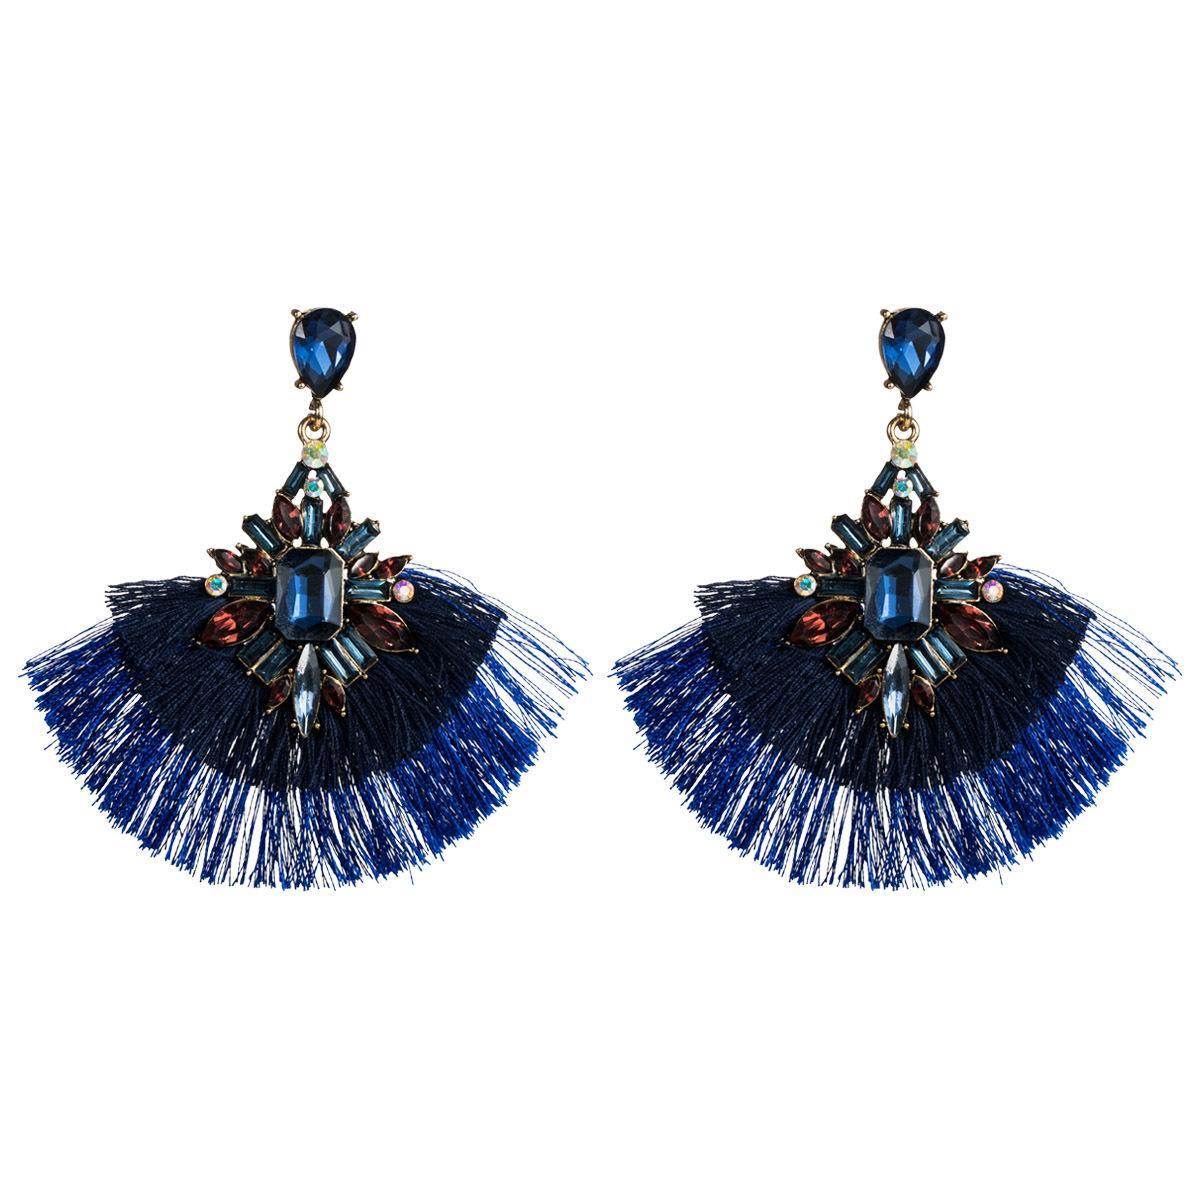 Fan abartılı akrilik elmas çok katmanlı püskül küpe kadın moda küpe bohem ulusal tarzı